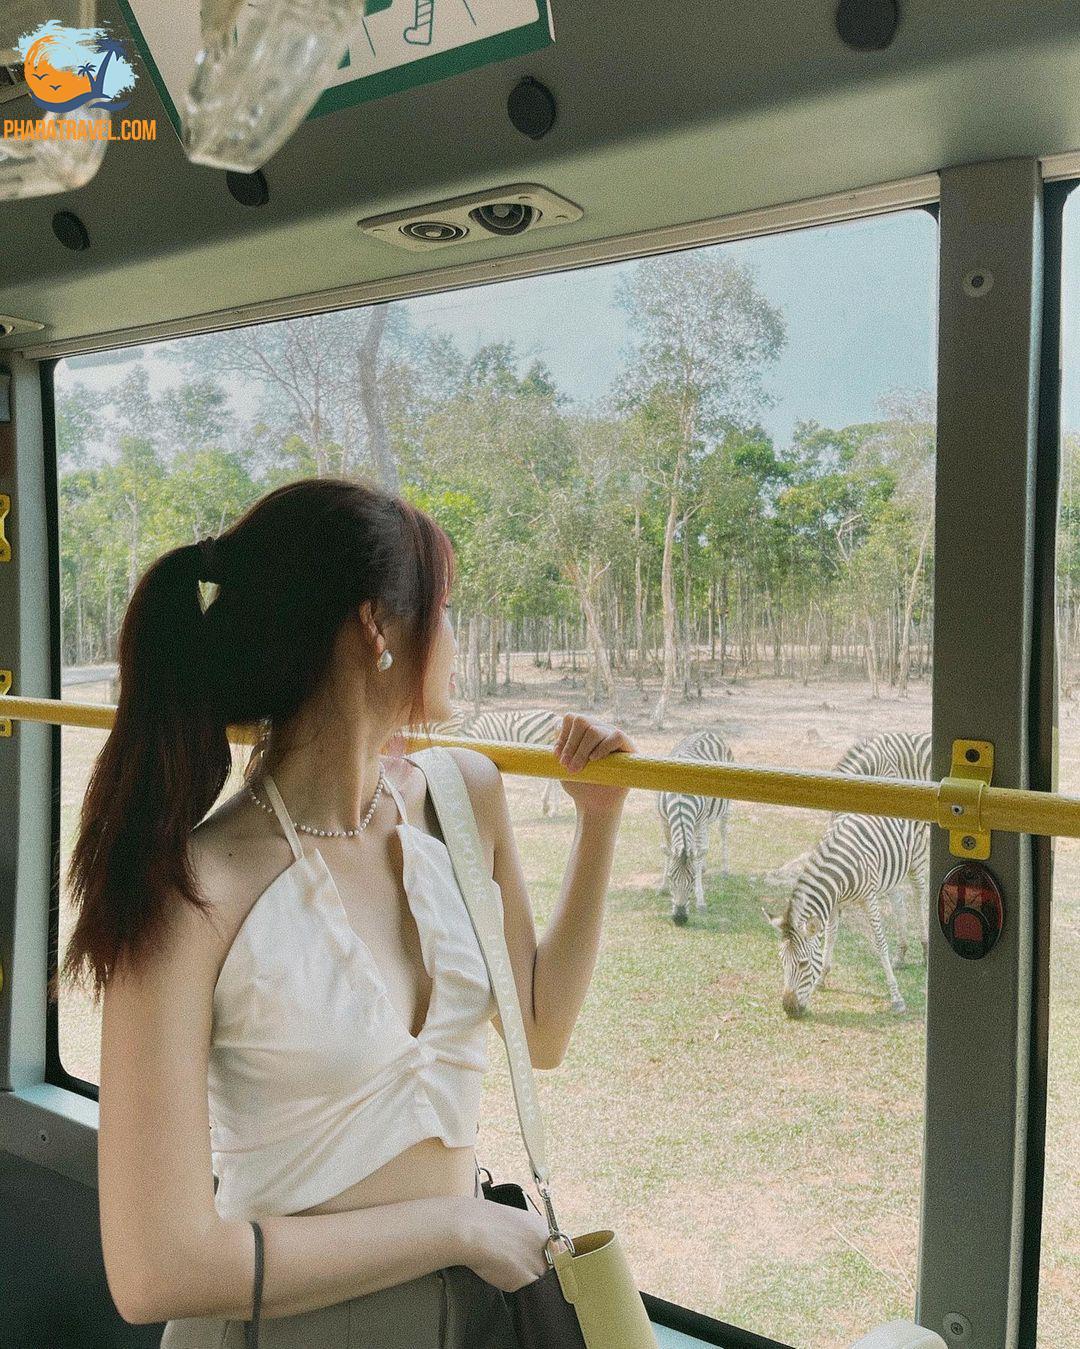 Du lịch Phú Quốc: Cẩm nang từ A đến Z khám phá các điểm đến nổi tiếng